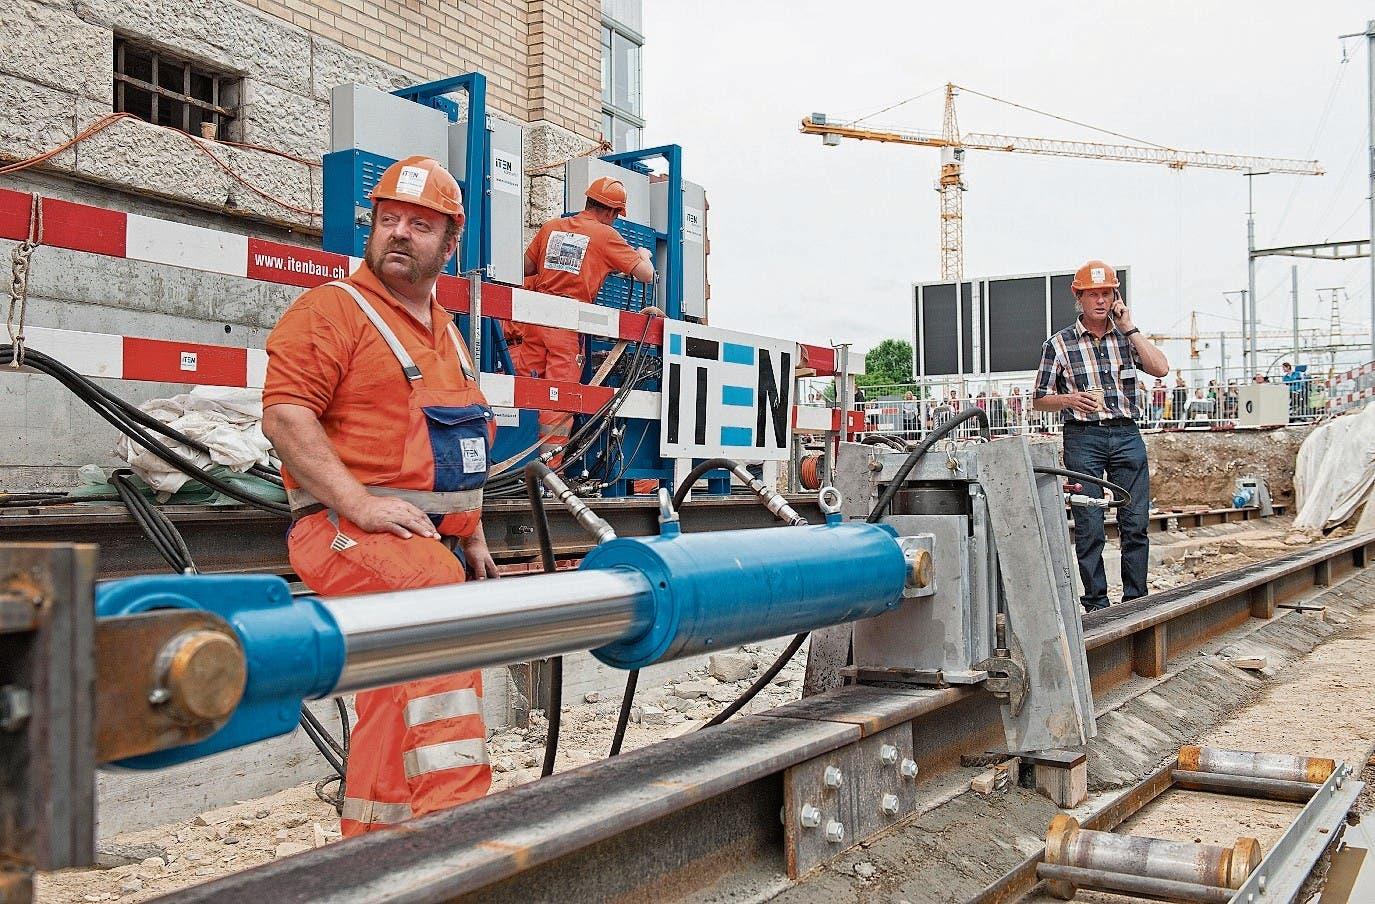 Die legendäre Verschiebung der Maschinenfabrik Oerlikon MFO im Jahr 2012: Firmeninhaber Rolf Iten (unten rechts) und Mitarbeiter Gottlieb Heinrich besprechen die Vorgehensweise. (Bild: PD)